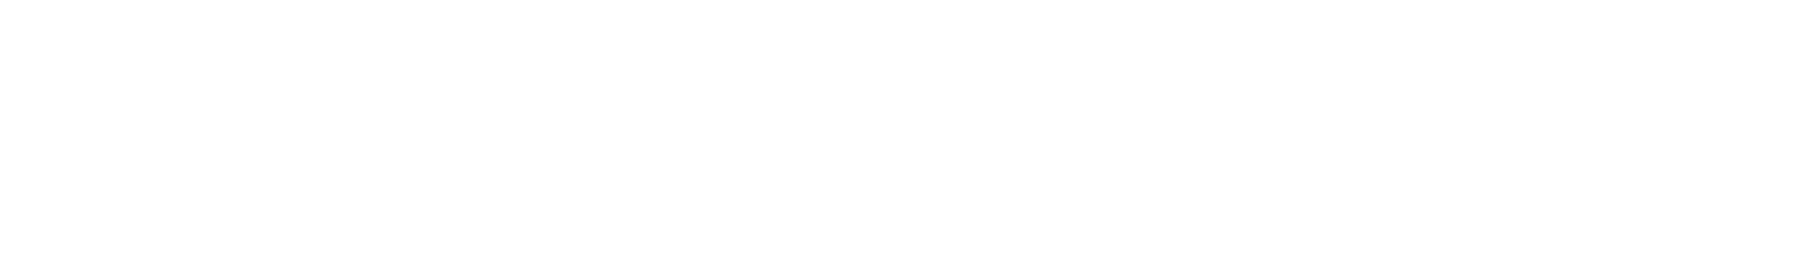 bass19 130